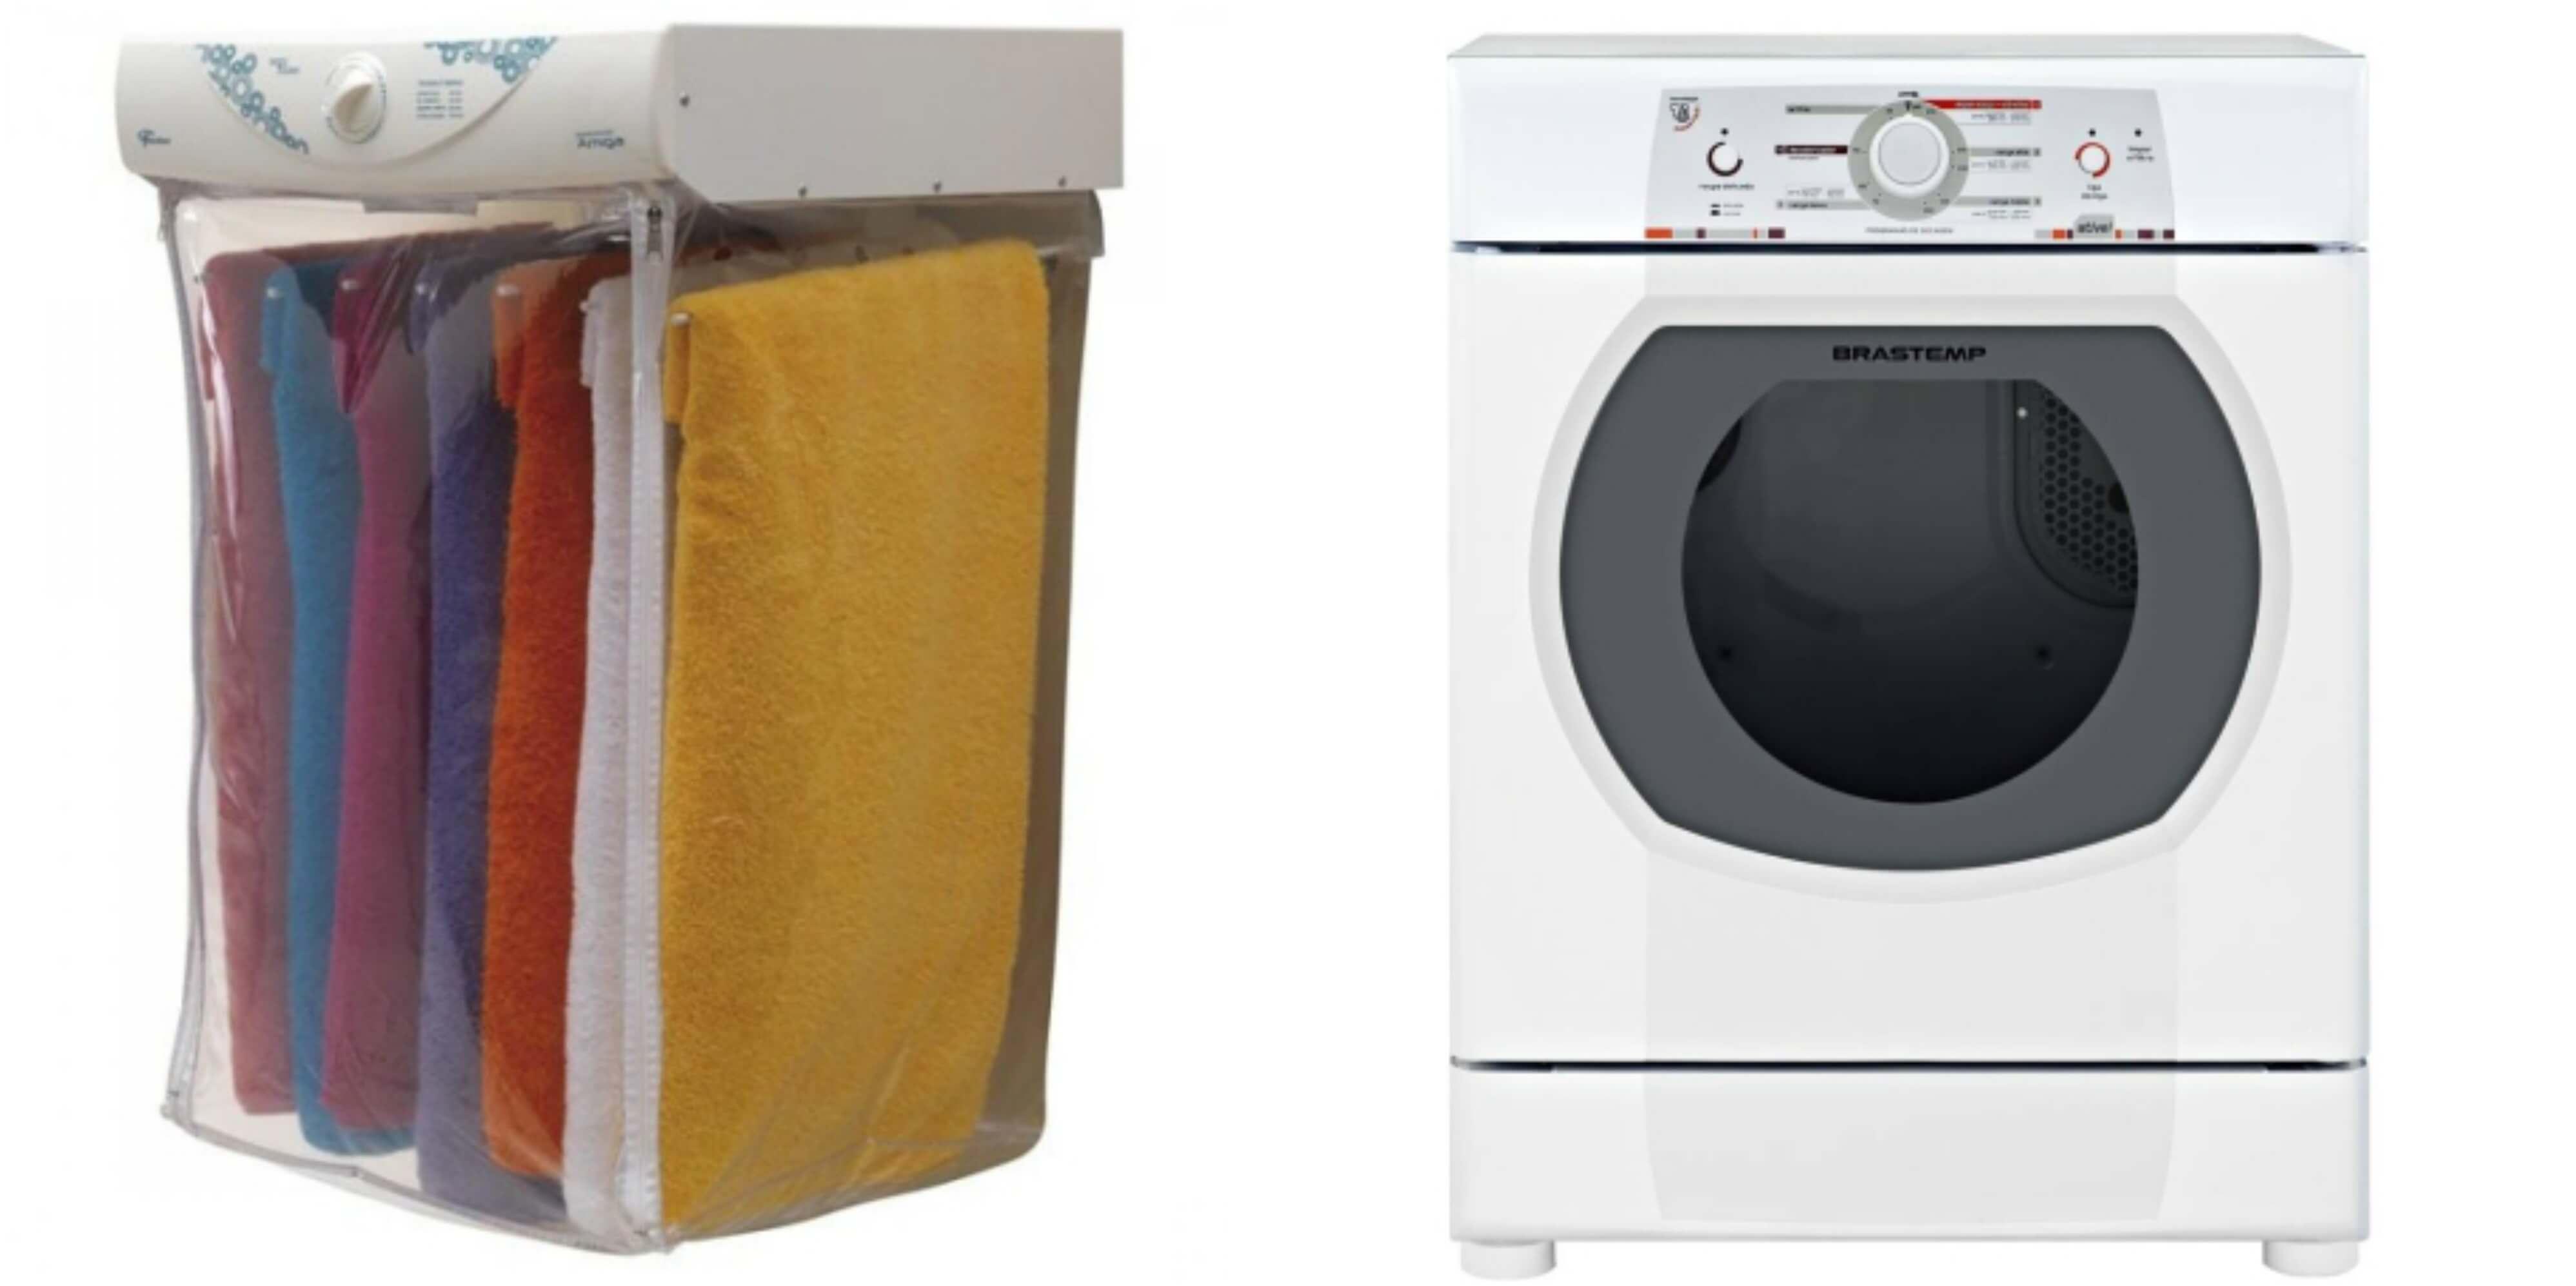 Imagens de secadora de parede e de chão